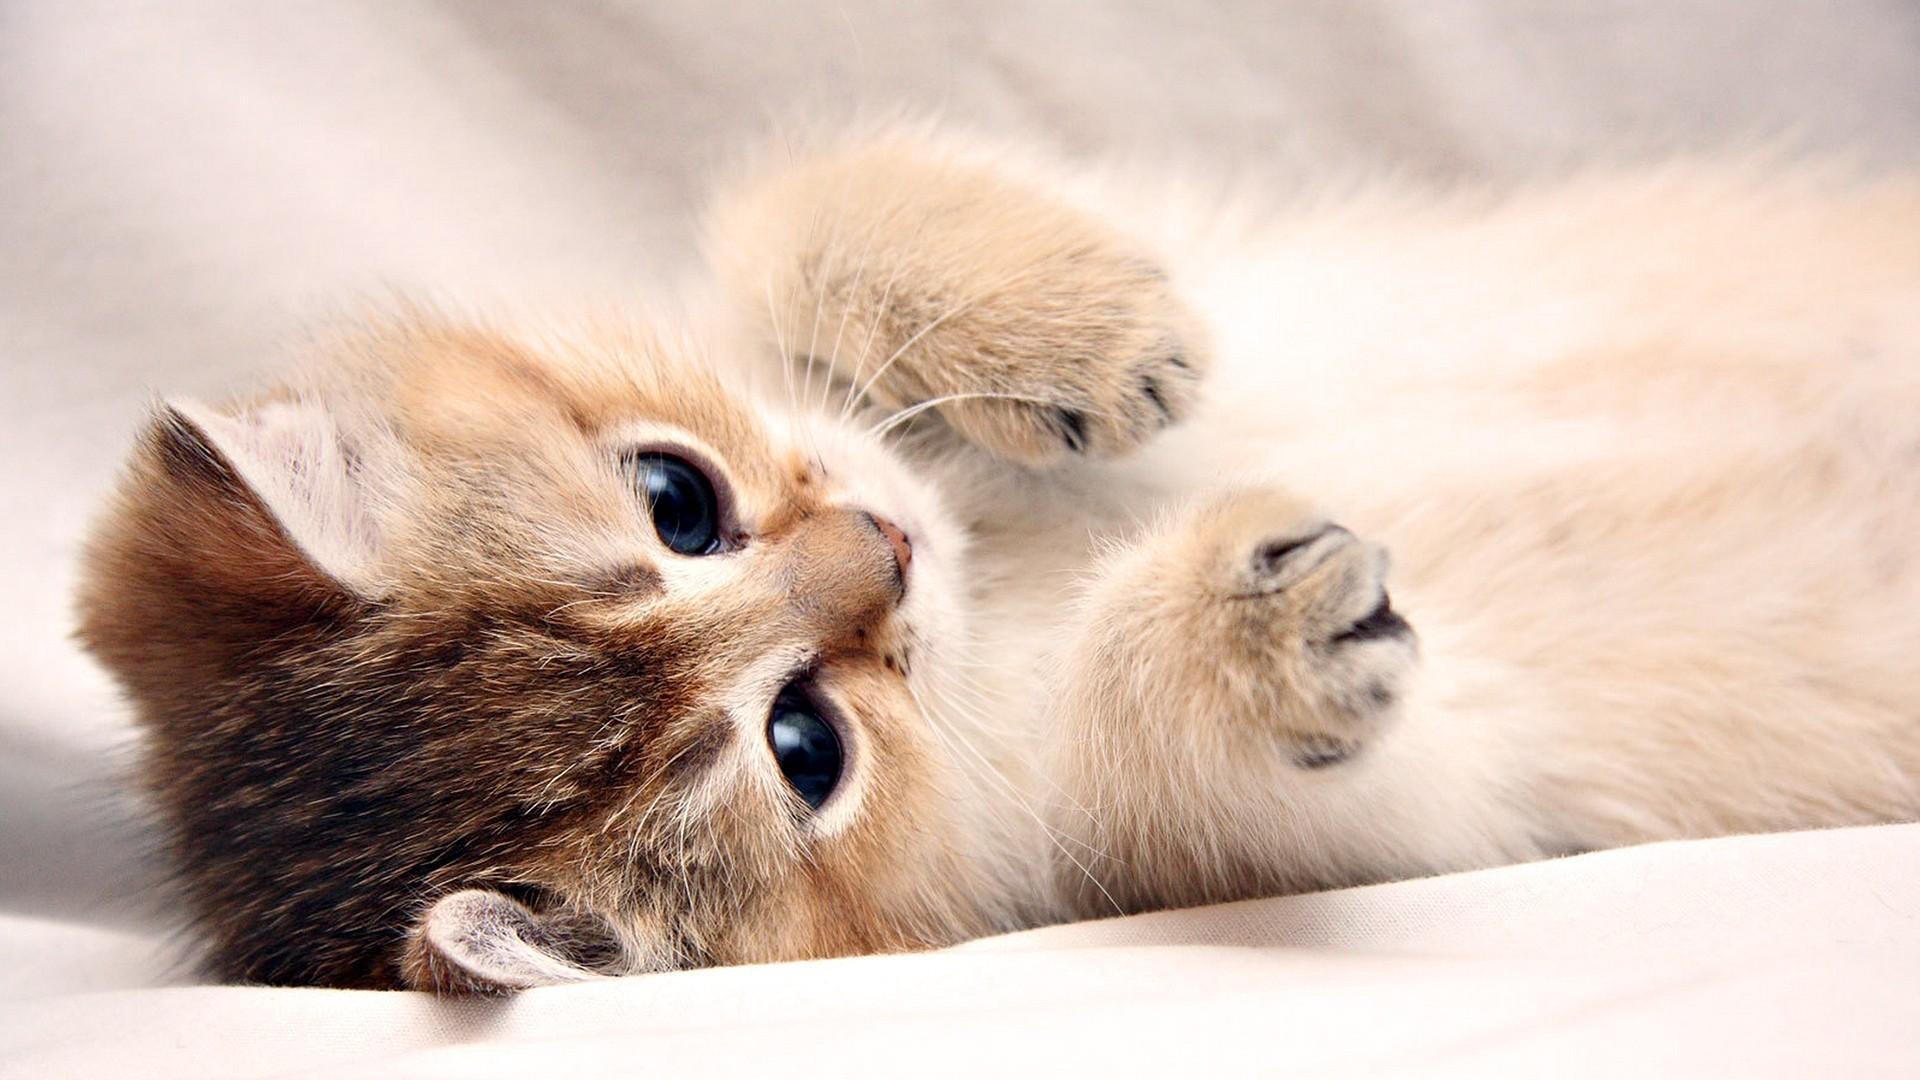 Kitten Desktop Backgrounds   Wallpaper High Definition High Quality 1920x1080